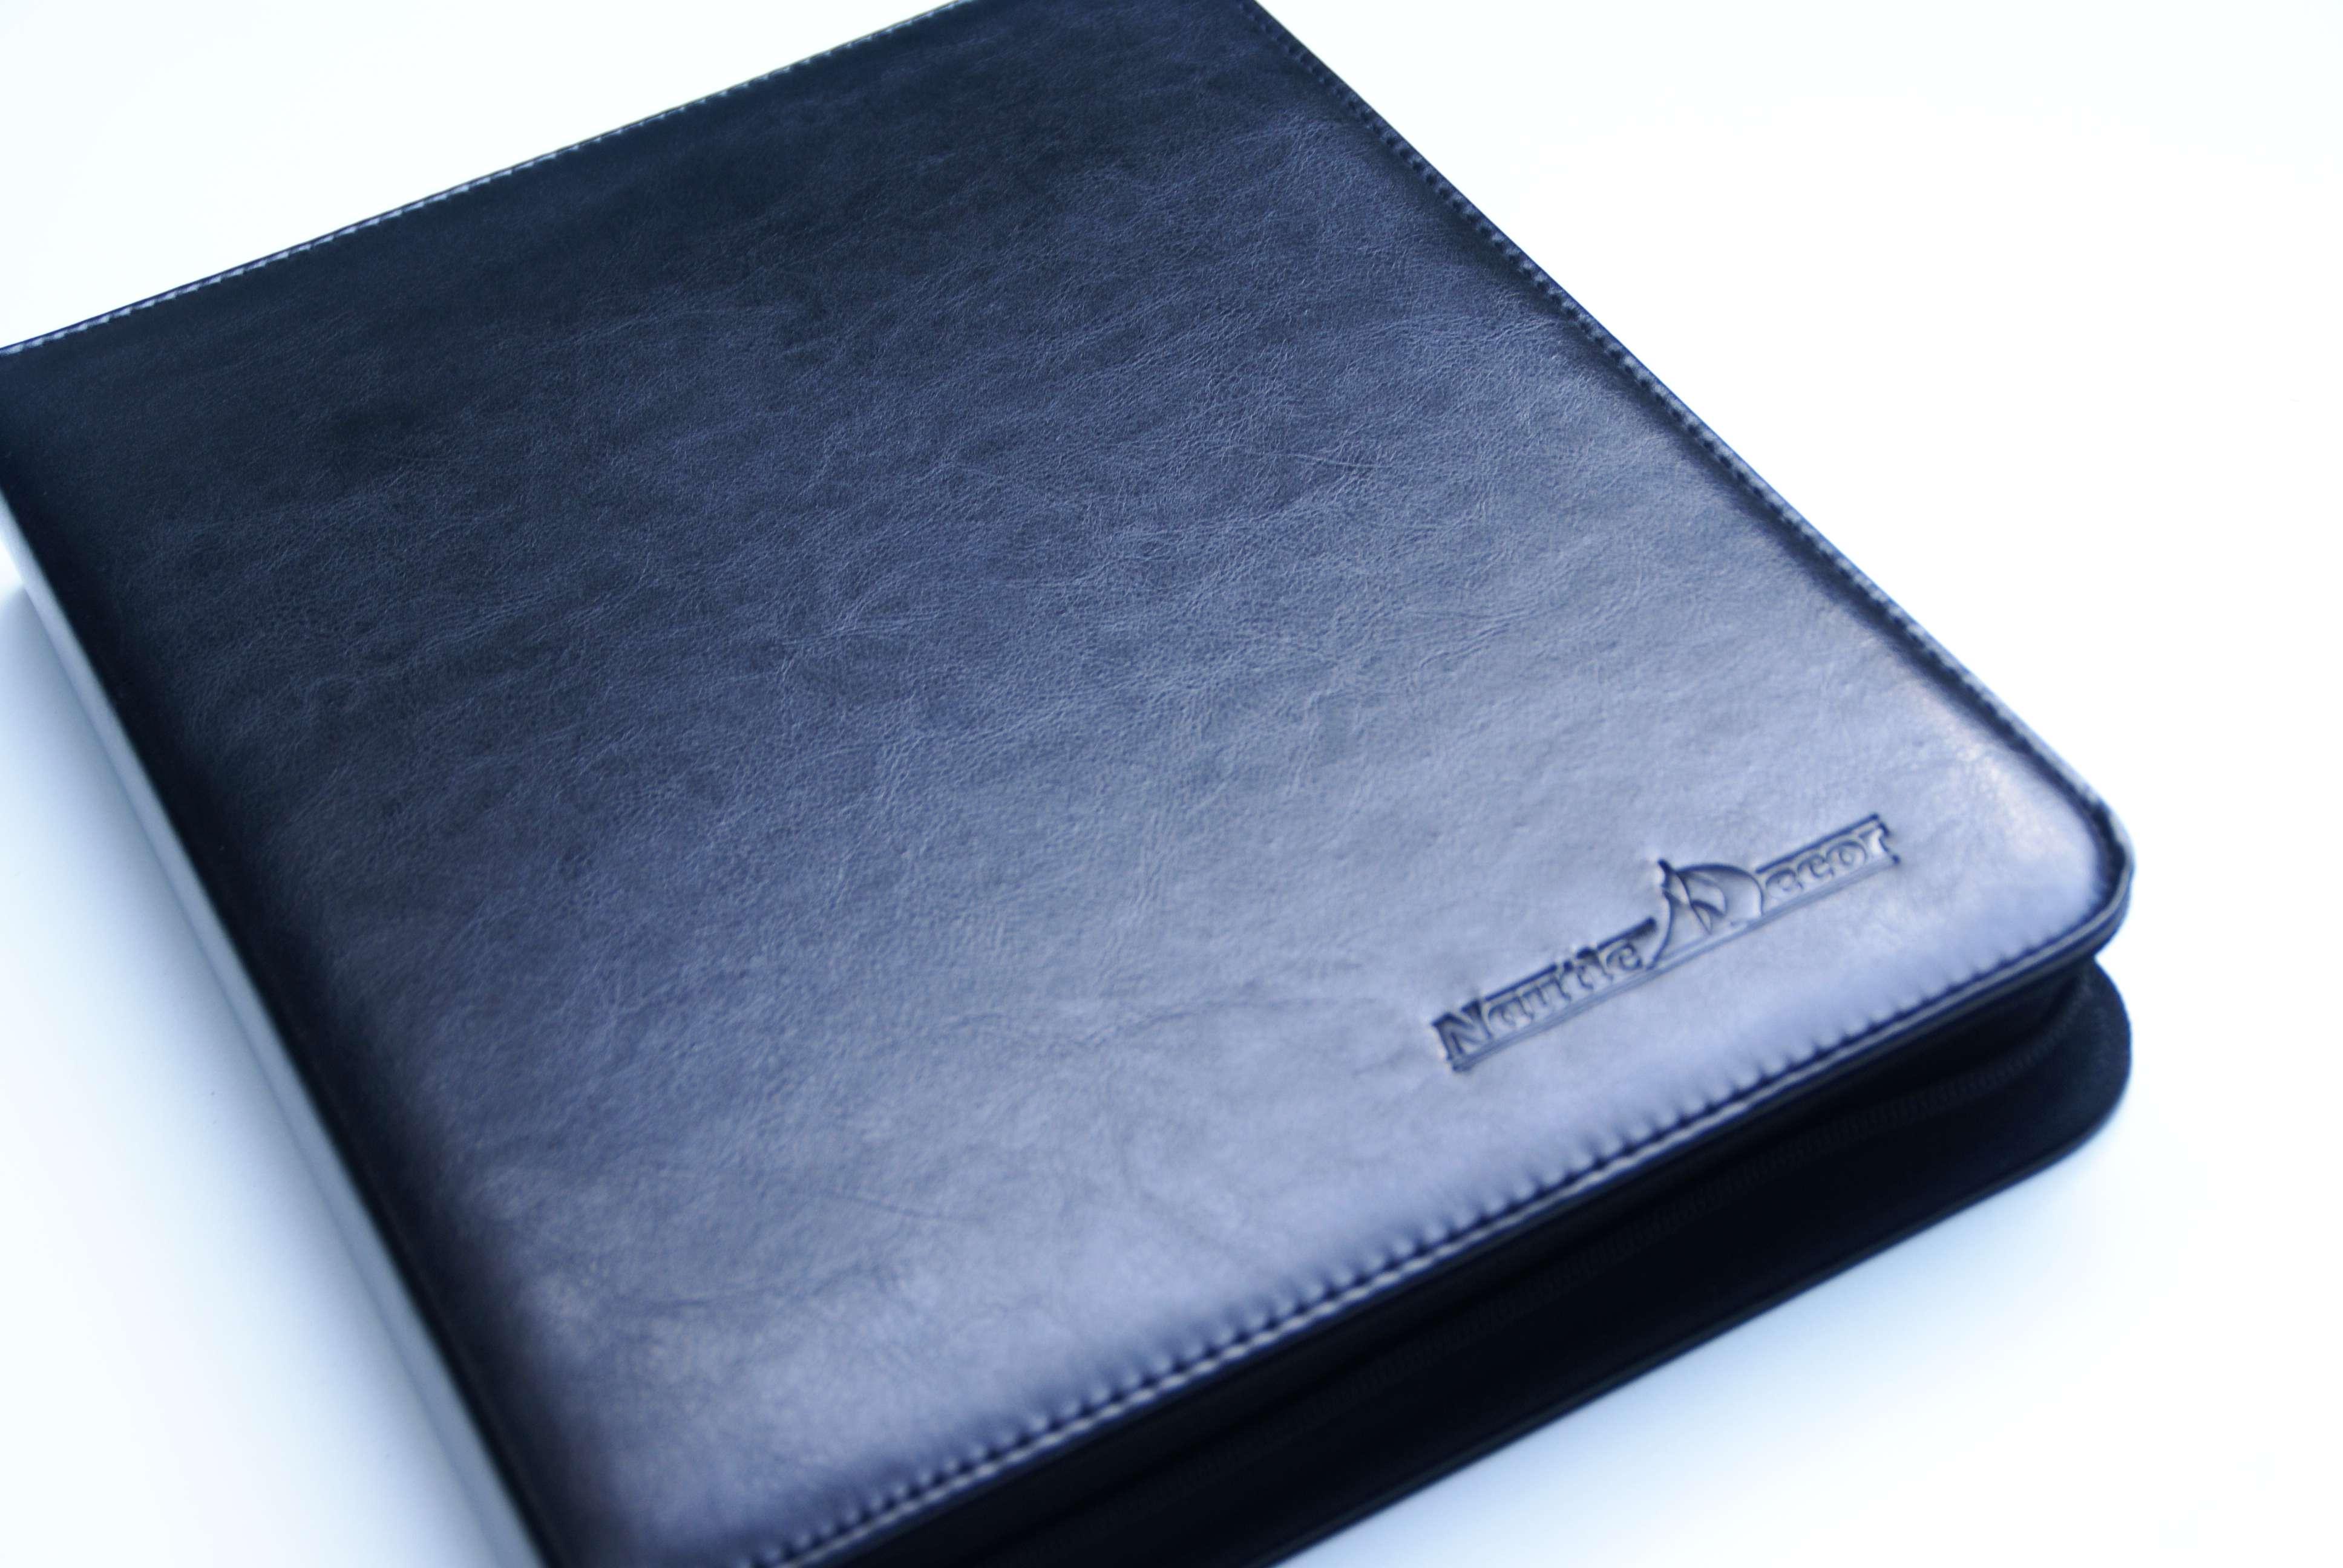 c5f7906718784 Teczka biwuar na dokumenty marynarskie GRANDE EDM5 czarna format A4  dedykowana dla posiadaczy certyfikatów formatu A4 ...